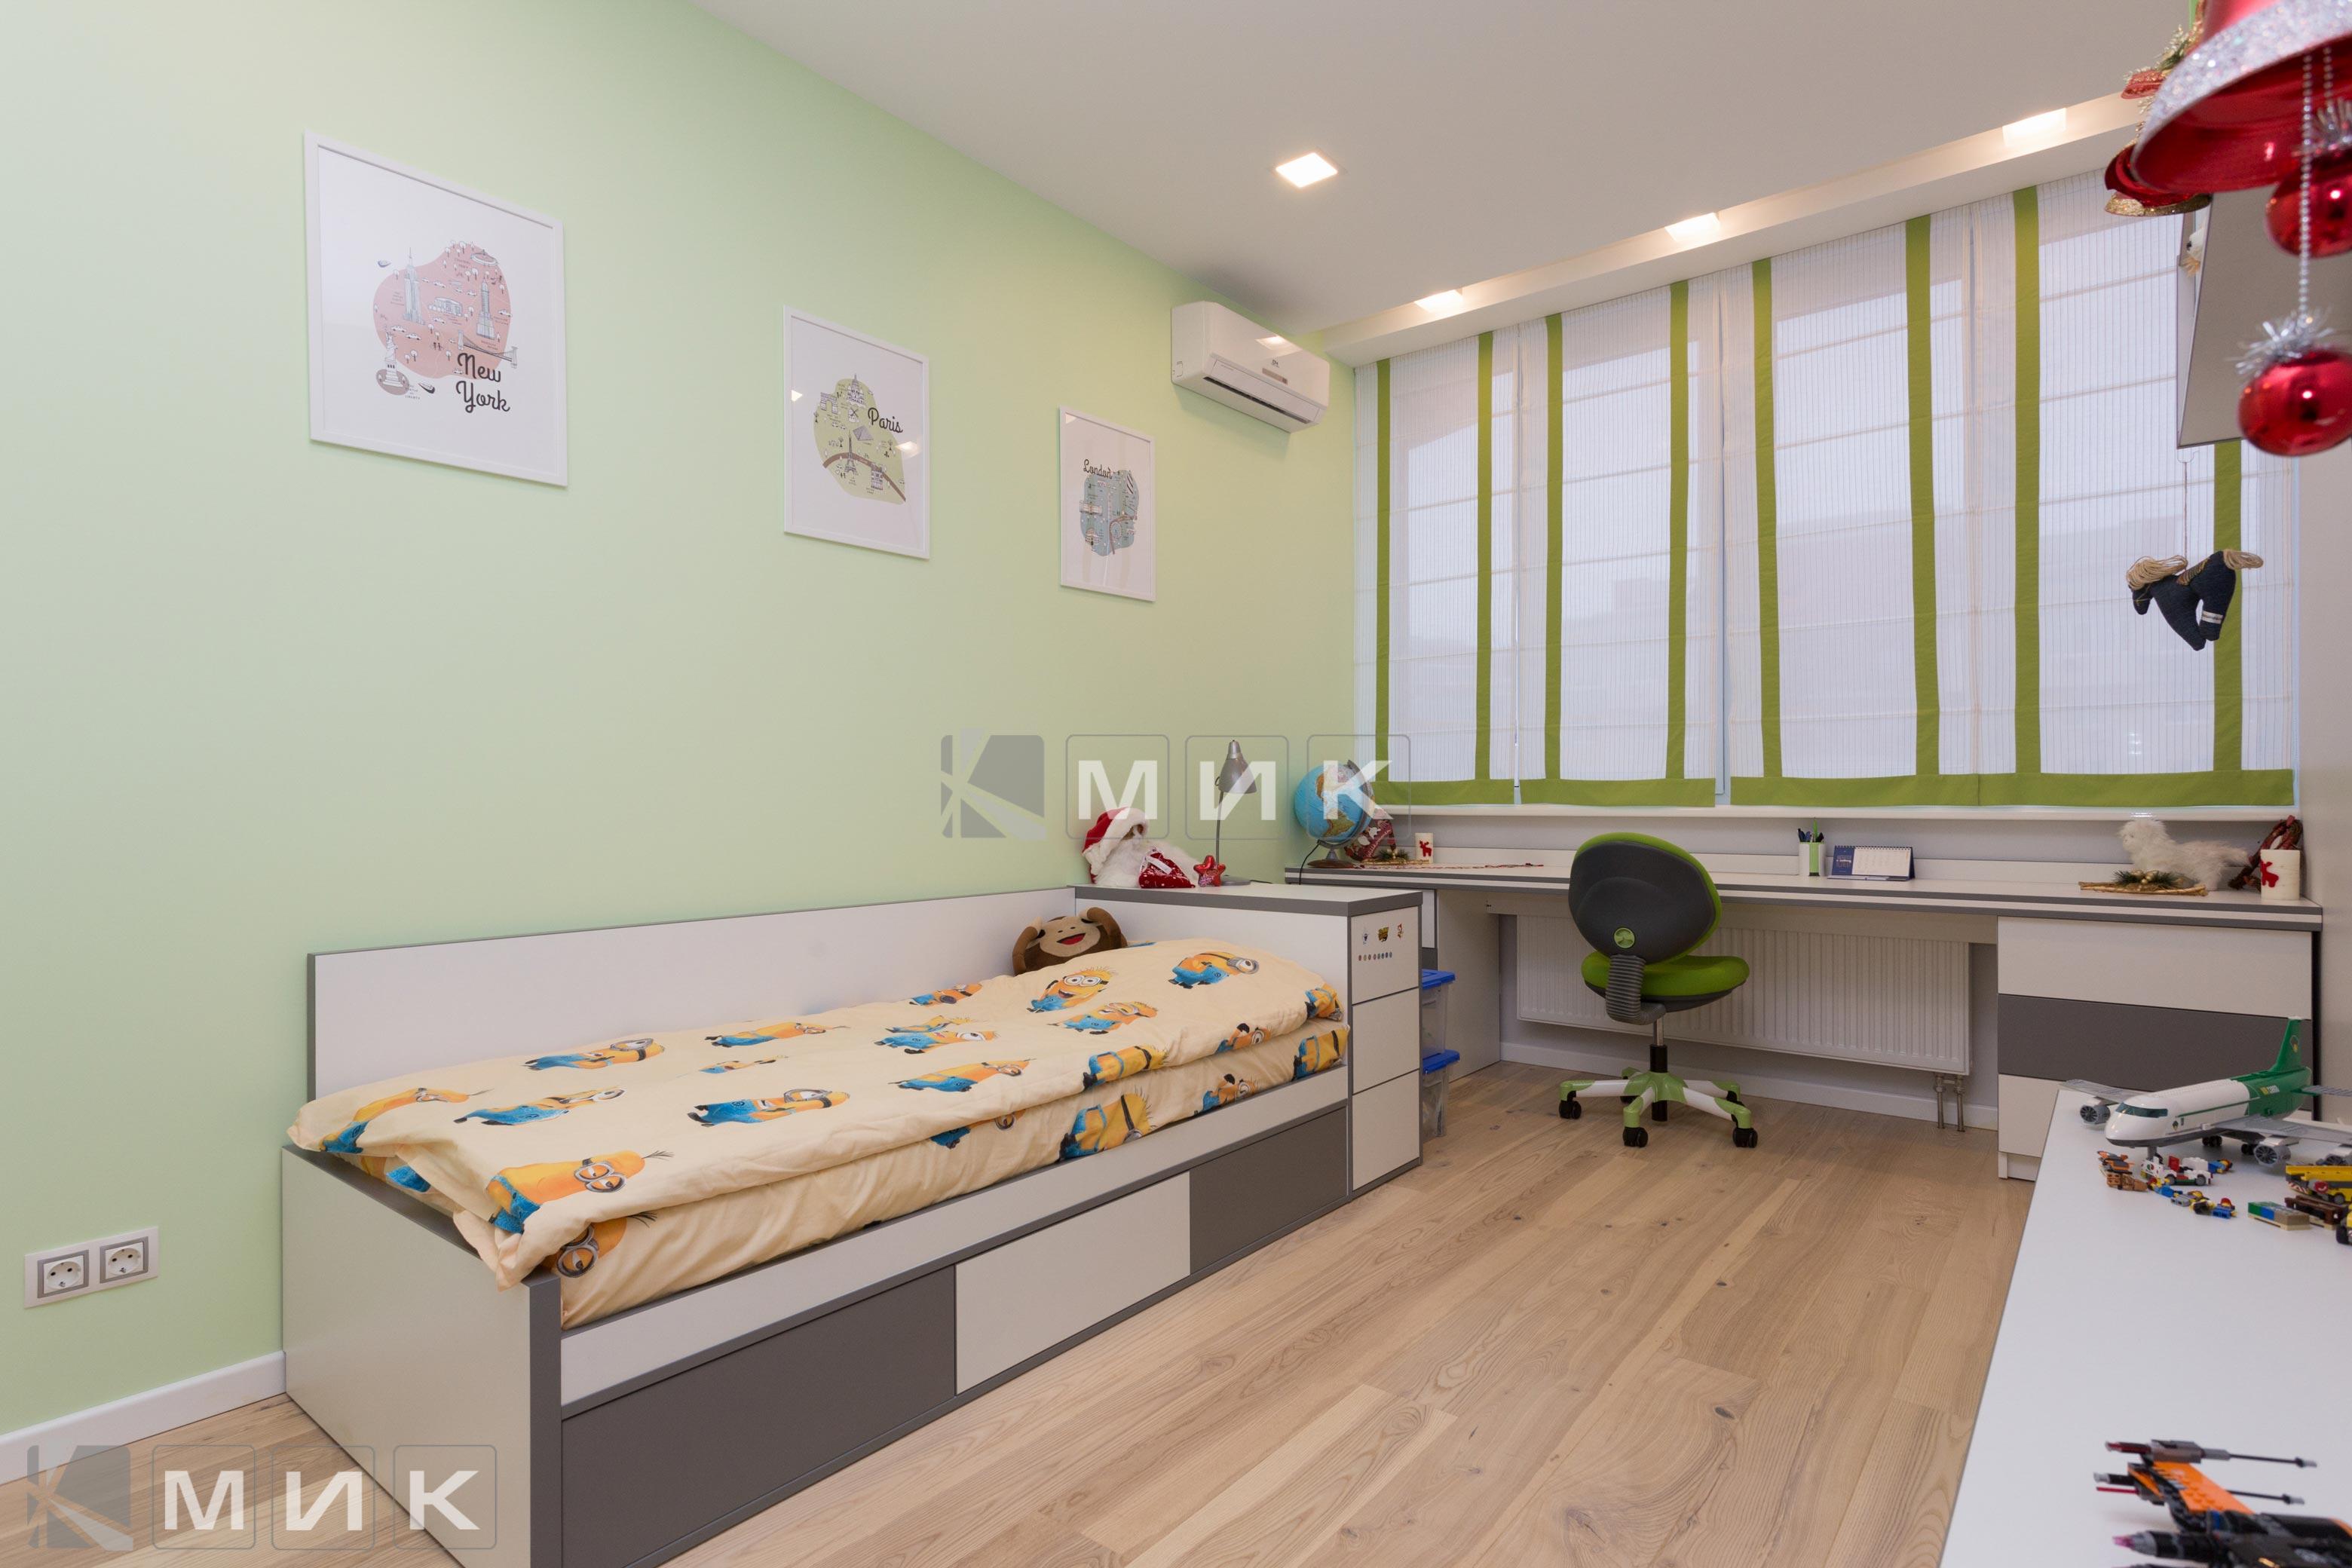 Детская-мебель кровать(Ломоносова)-1001